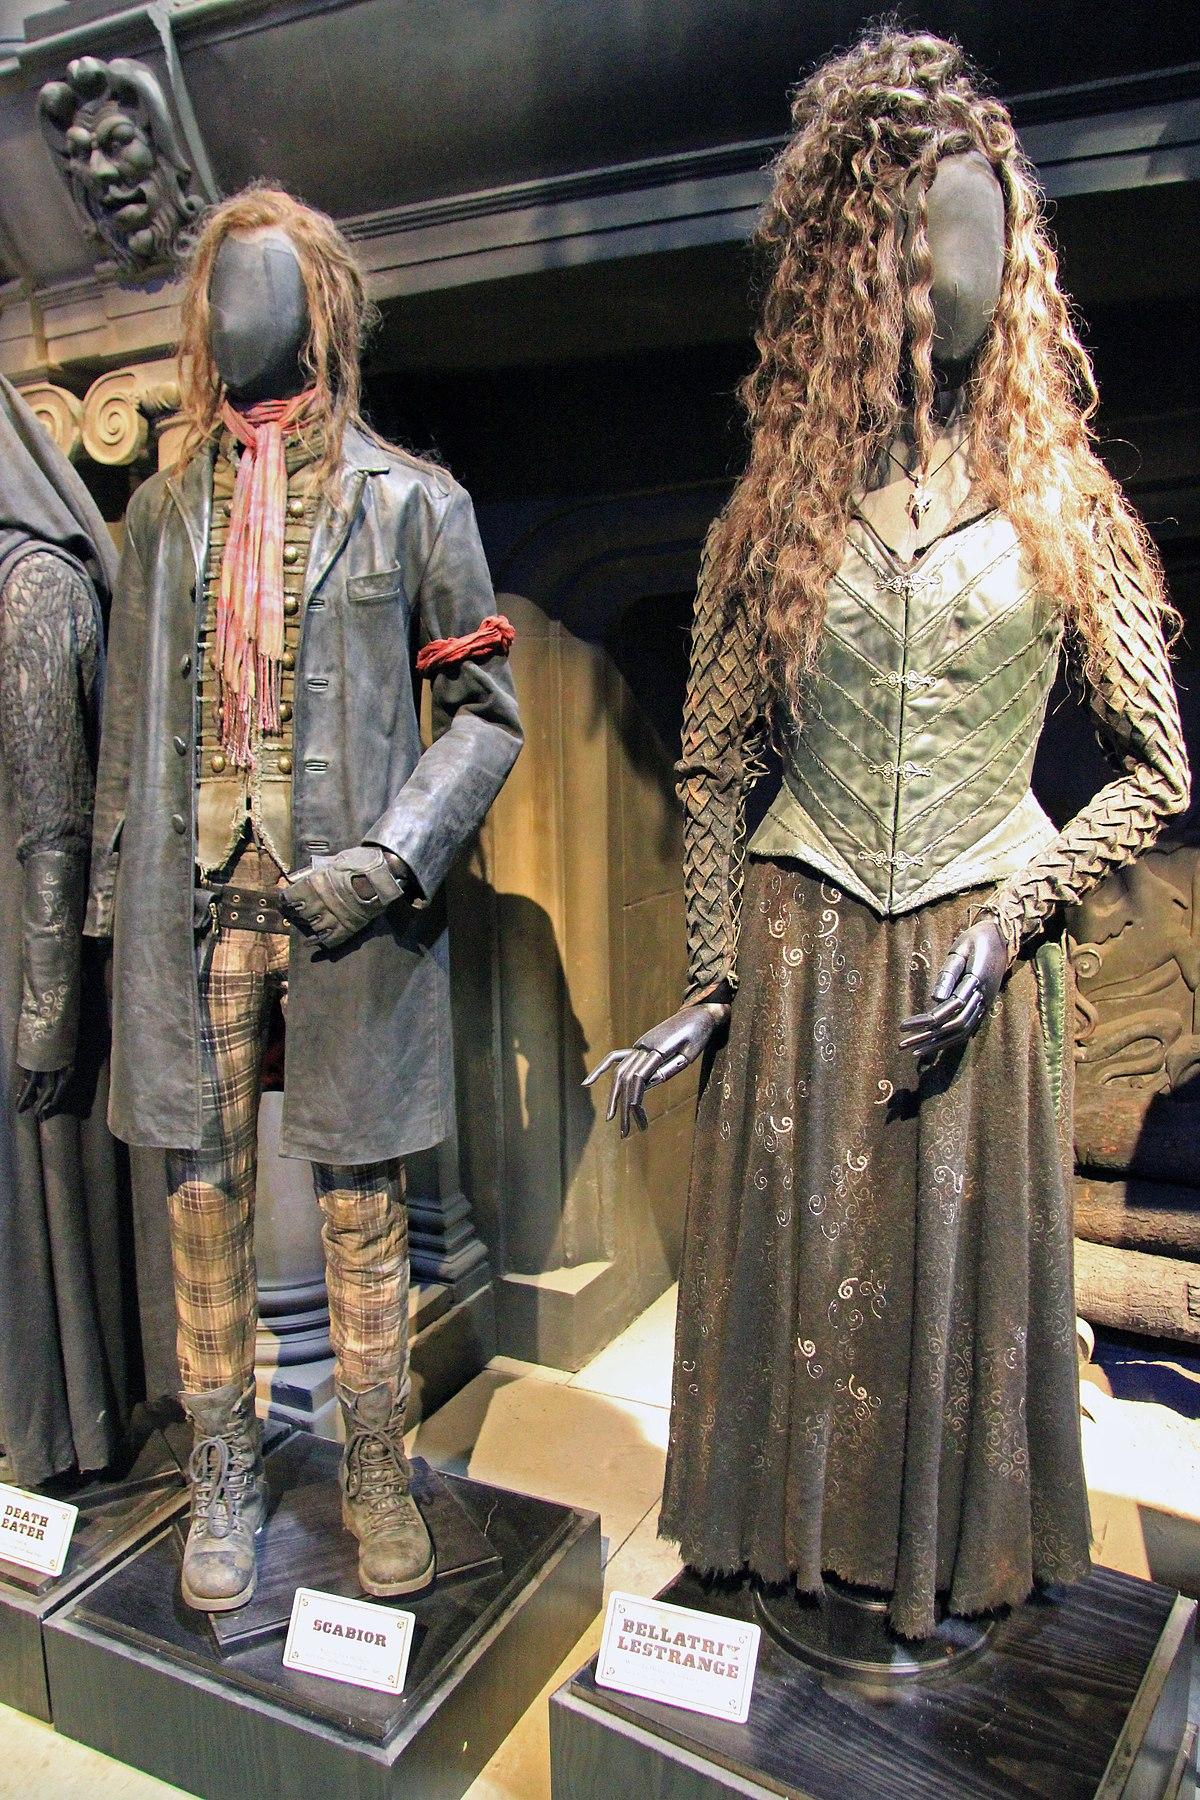 Bellatrix van Detta - ... Helena Bonham Carter Harry Potter